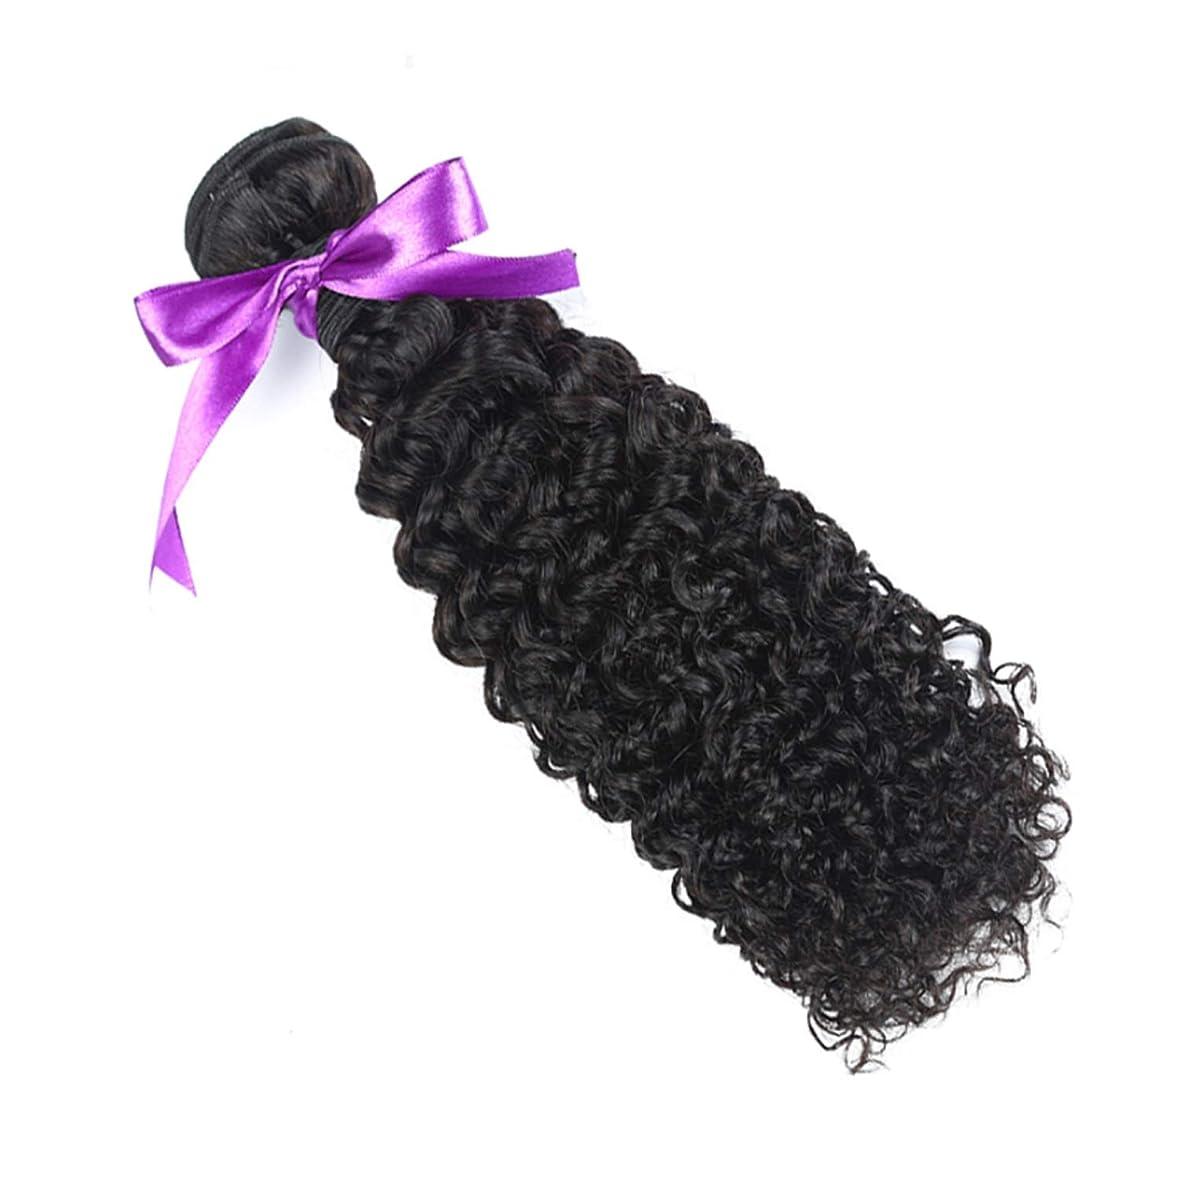 いいねハンカチ先住民かつら マレーシアの巻き毛の束8-28インチ100%の人間の毛髪は、Remyの毛のナチュラルカラー1個の髪の束を織ります (Stretched Length : 24inches)